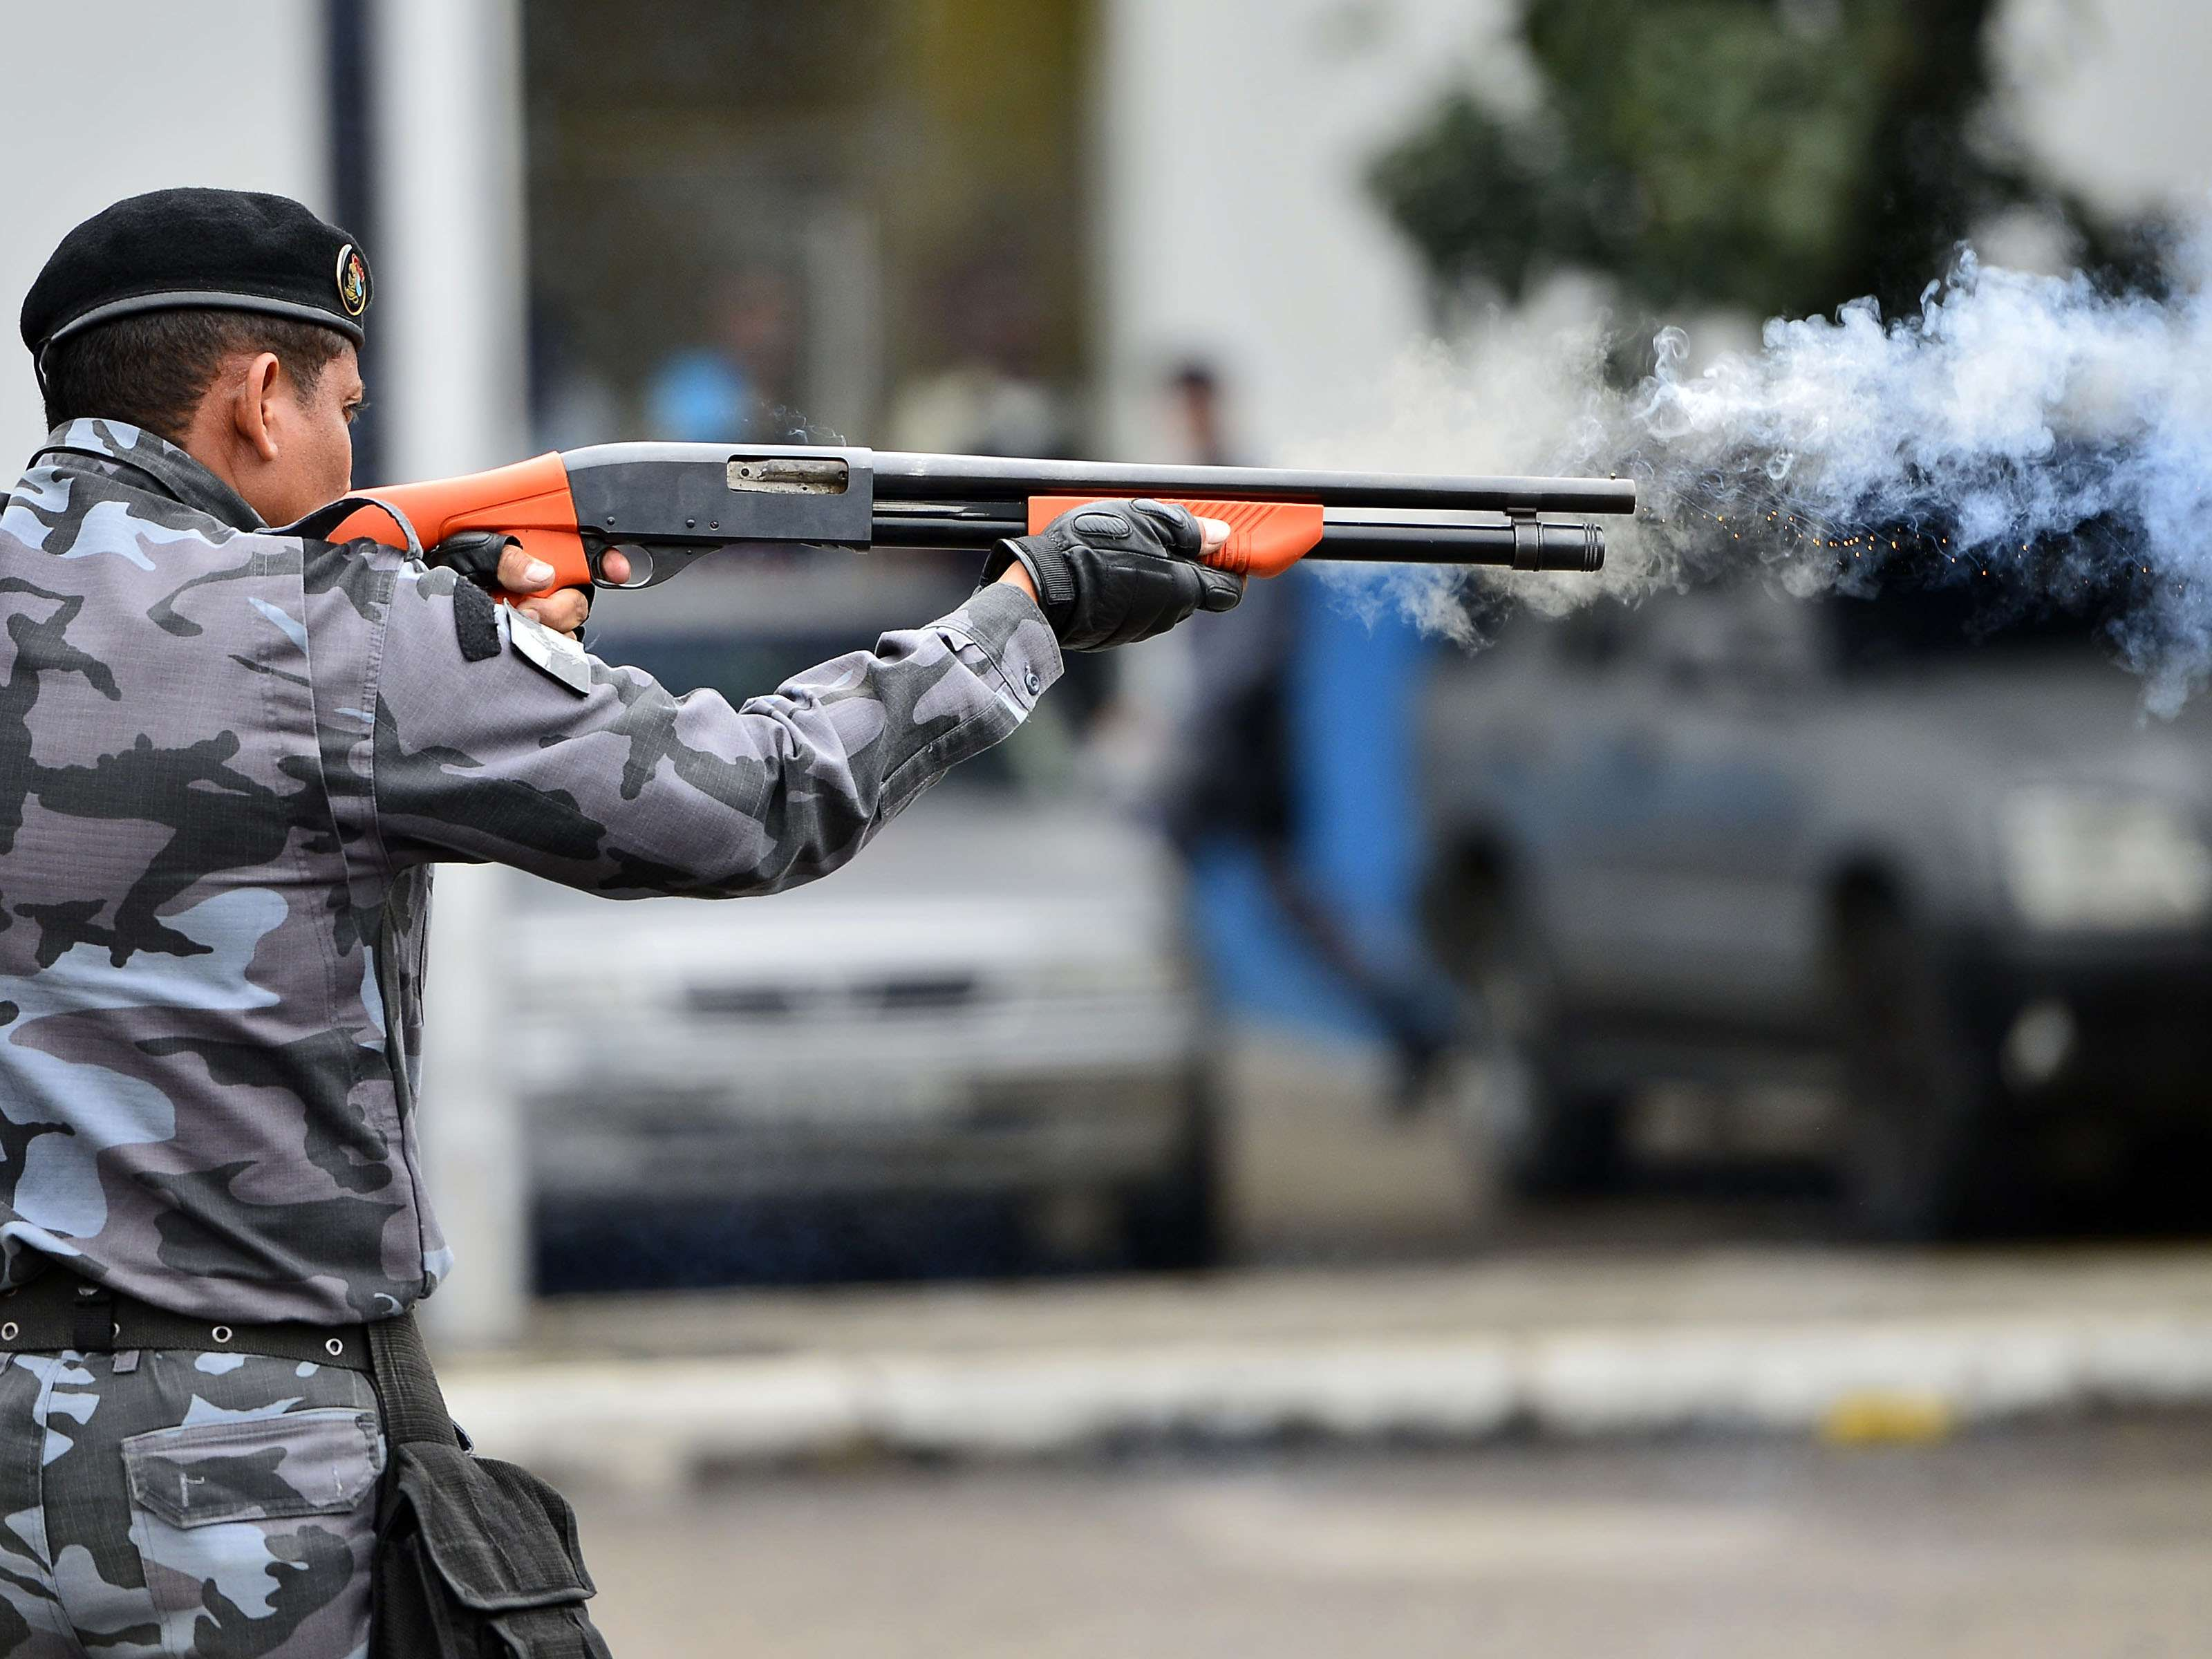 Policiais militares do Rio de Janeiro testam armas não letais antes de um protesto marcado para esta quinta-feira na capital fluminense. Os agentes treinaram com armas de balas de borracha com tinta, usadas para marcar alvos, além de bombas que soltam pó em vez de gás - tanto de efeito moral quanto lacrimogênio - e de granadas de luz e som Foto: Daniel Ramalho/Terra